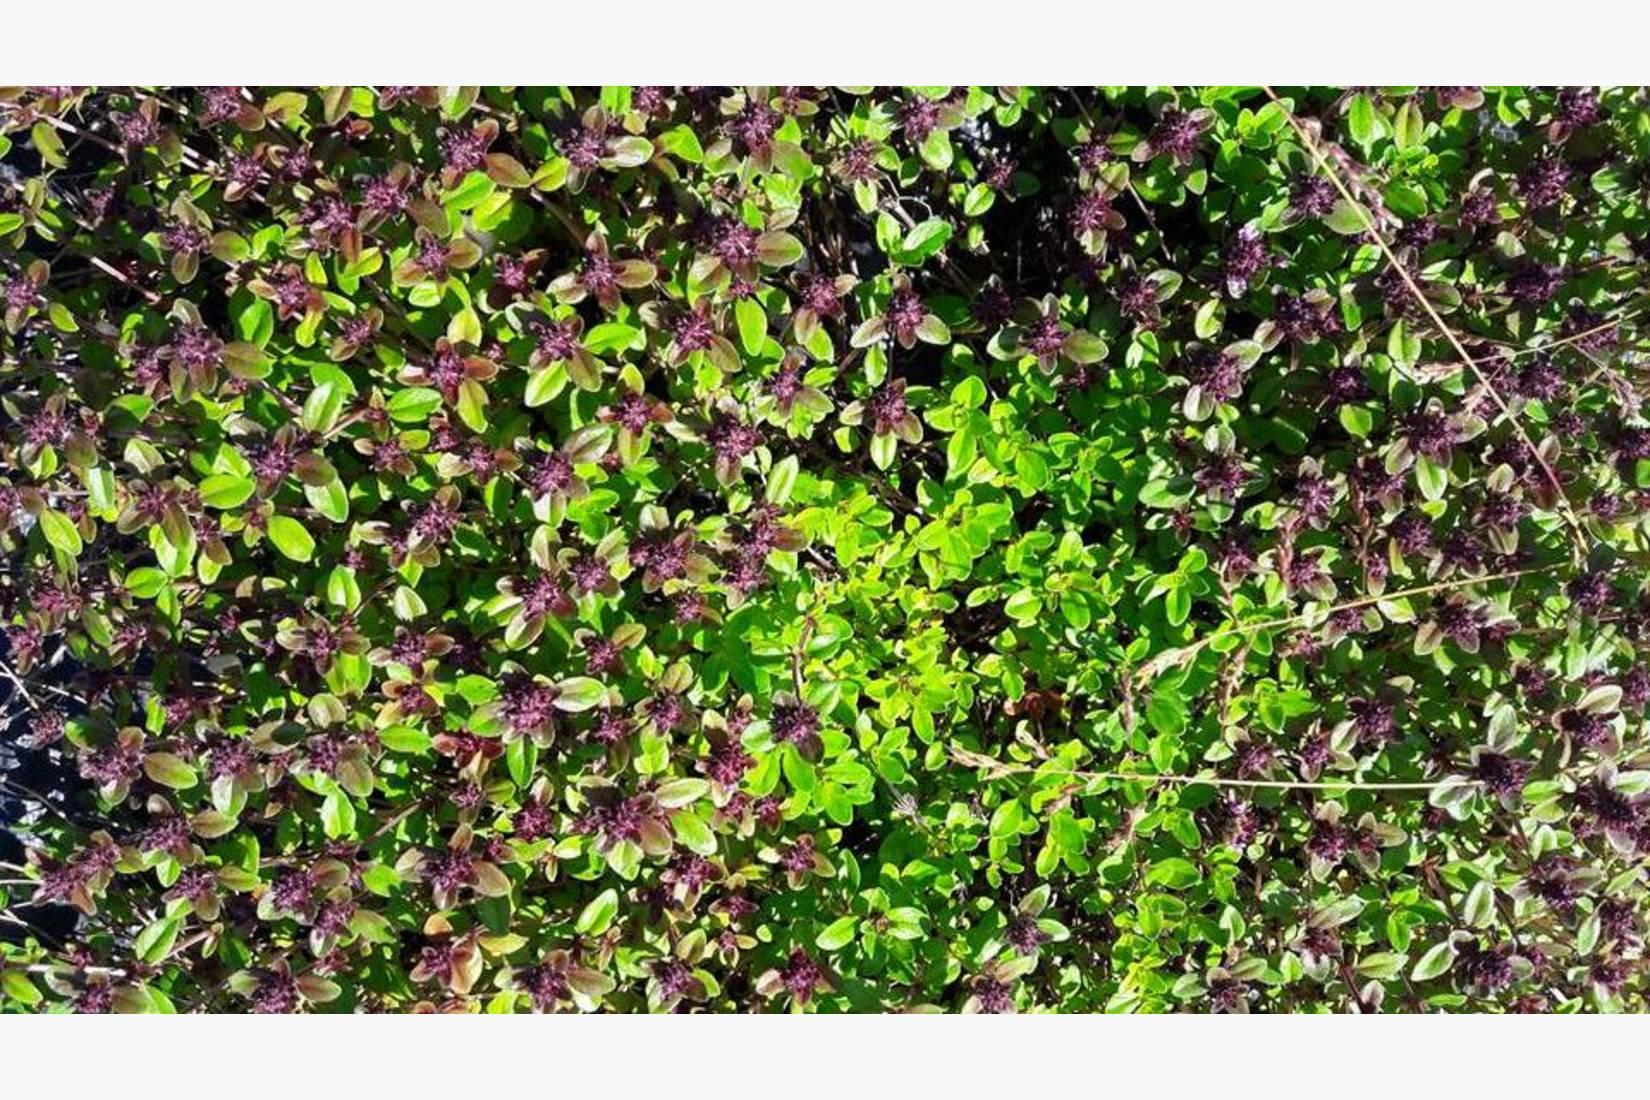 Bakketimian er en av timianartene som overvintrer og blomstrer tidlig. Bra for insektene og te, men den er ikke så mye brukt som matkrydder.